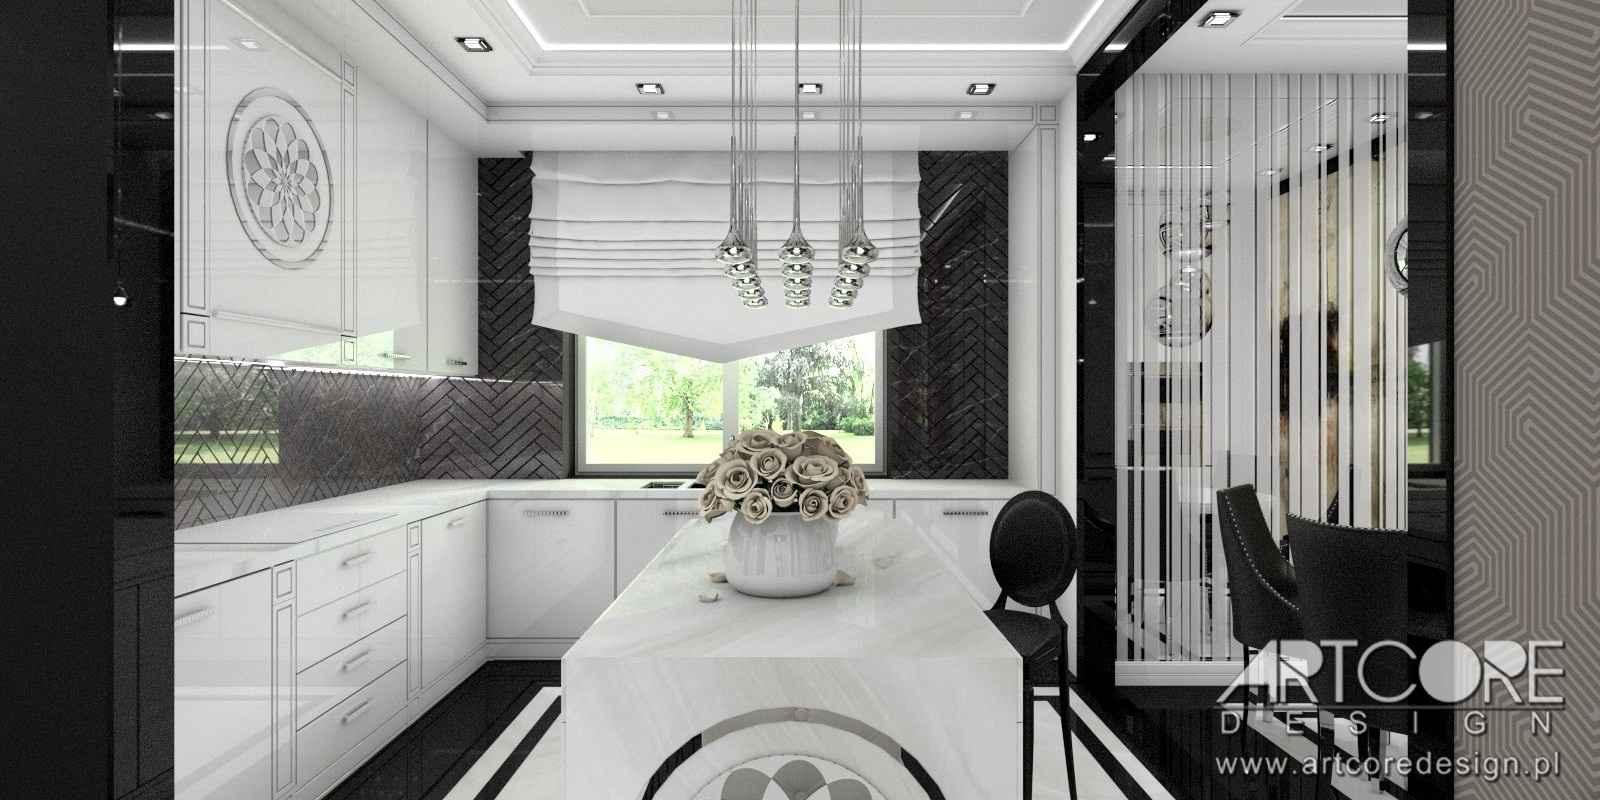 projektant wnętrz warszawa czarno biała kuchnia